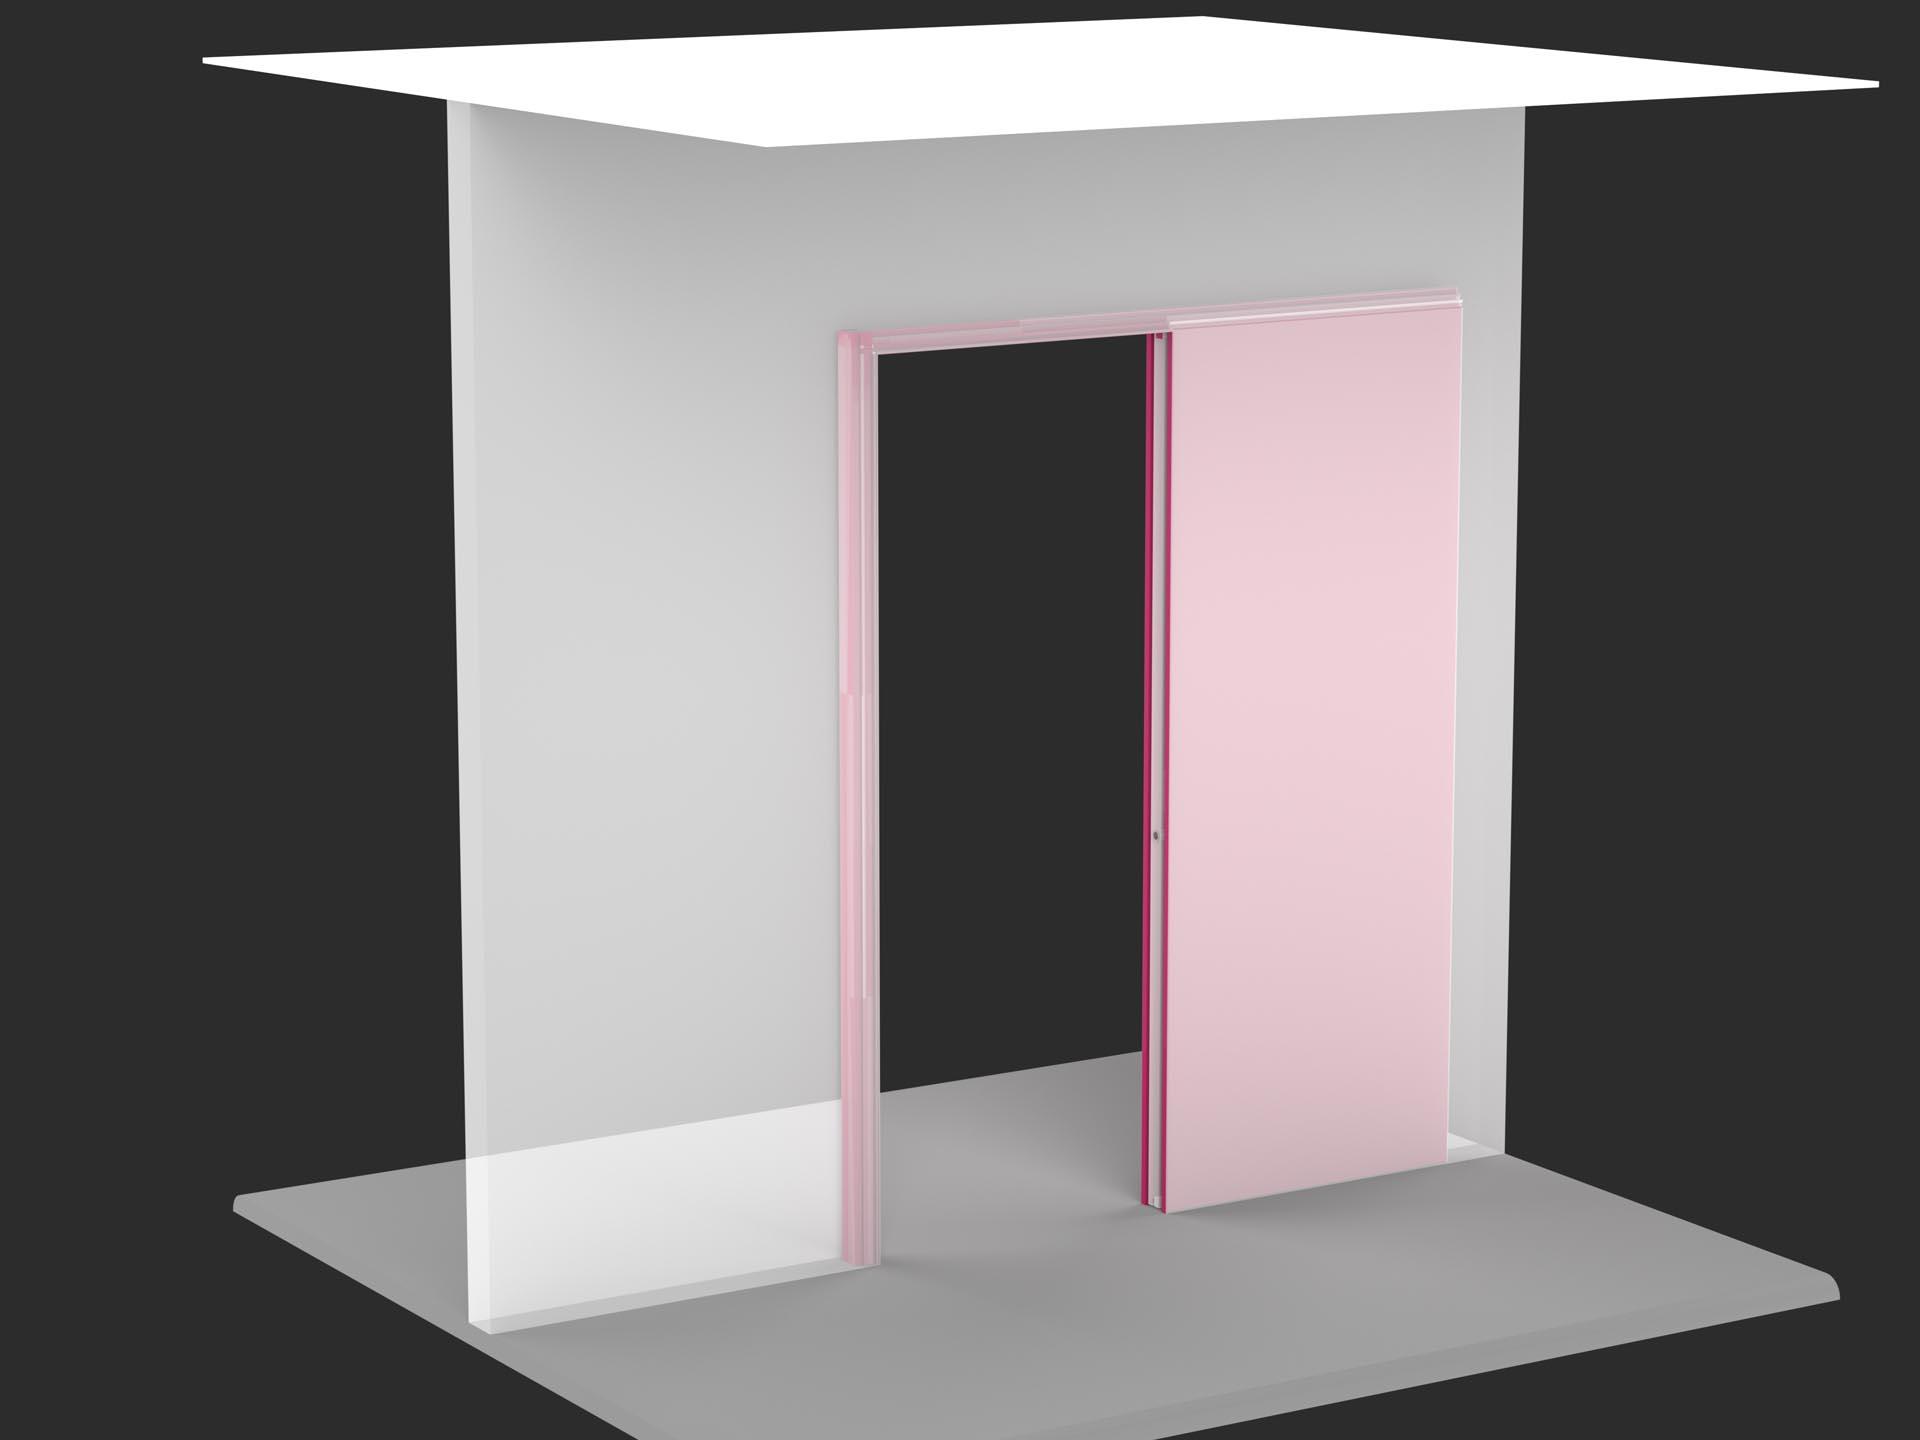 Montaggio porta scorrevole interno muro great come installare le porte interne guida alla posa - Montaggio porta scorrevole scrigno ...